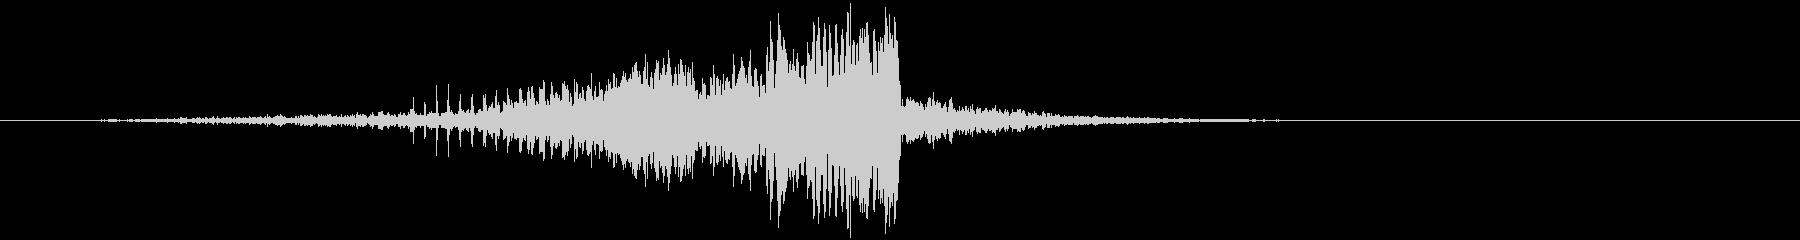 ノイズの効いたCINEMATICサウンドの未再生の波形